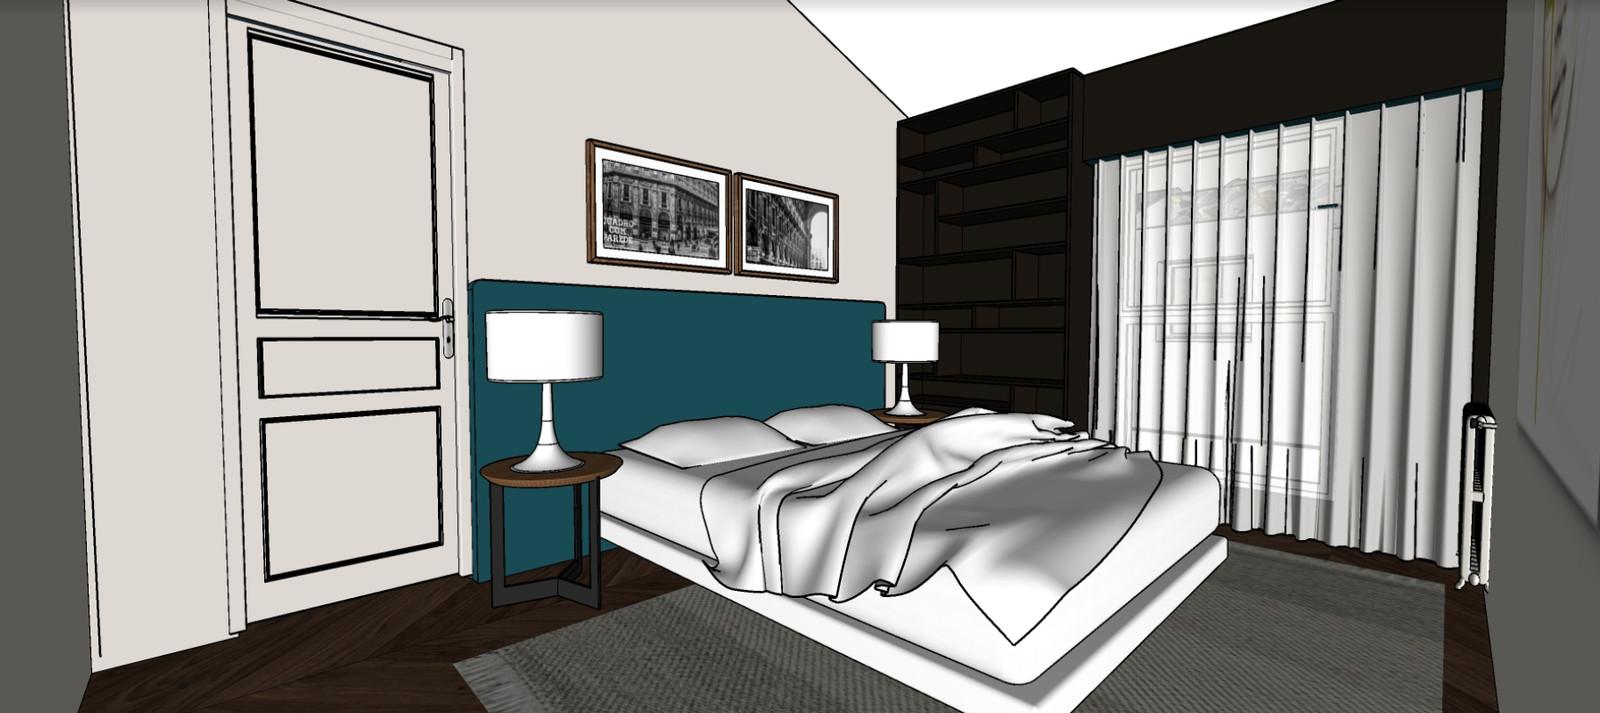 architecte d 39 int rieur la rochelle octant. Black Bedroom Furniture Sets. Home Design Ideas